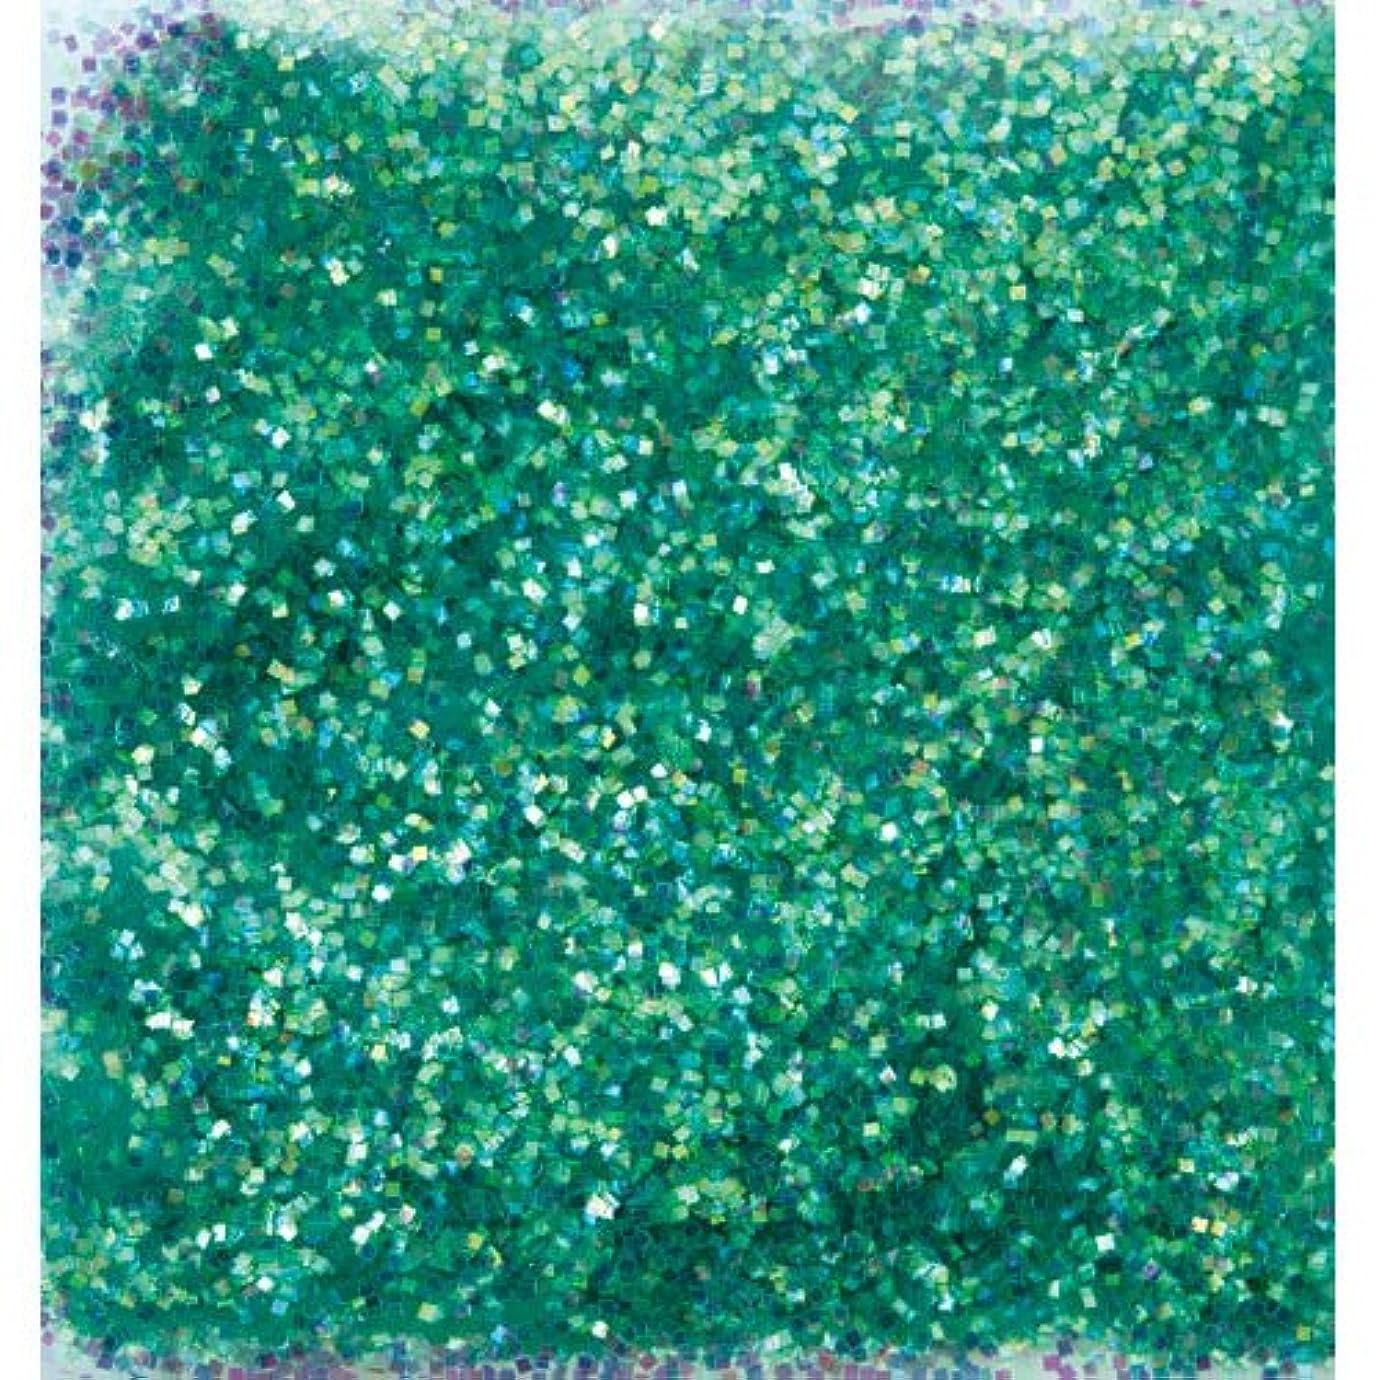 実験ブランク分子ピカエース ネイル用パウダー オーロラグリッター M #499 グリーン 1.5g